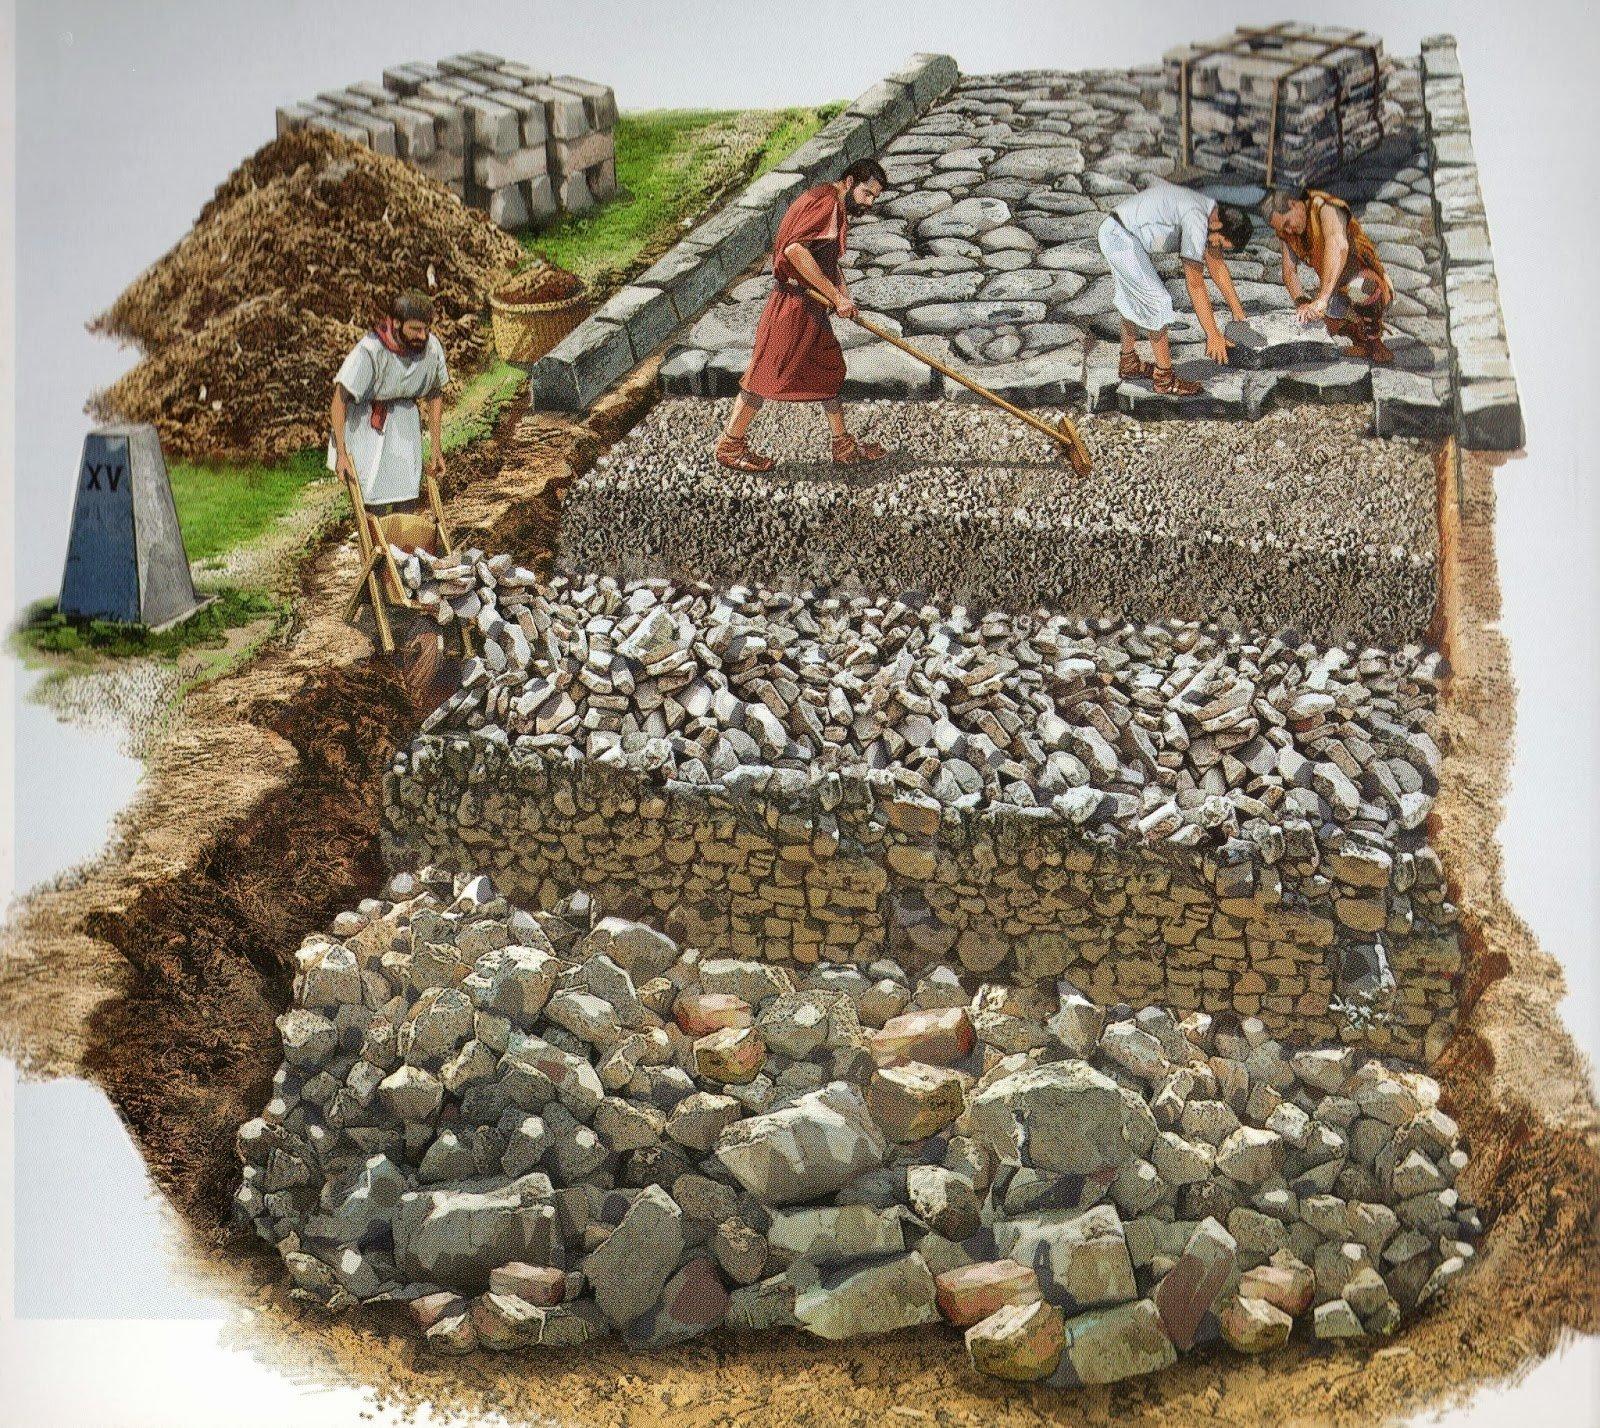 Строительство дороги в Древнем Риме изнутри, интересно, как это сделано, познавательно, разрез